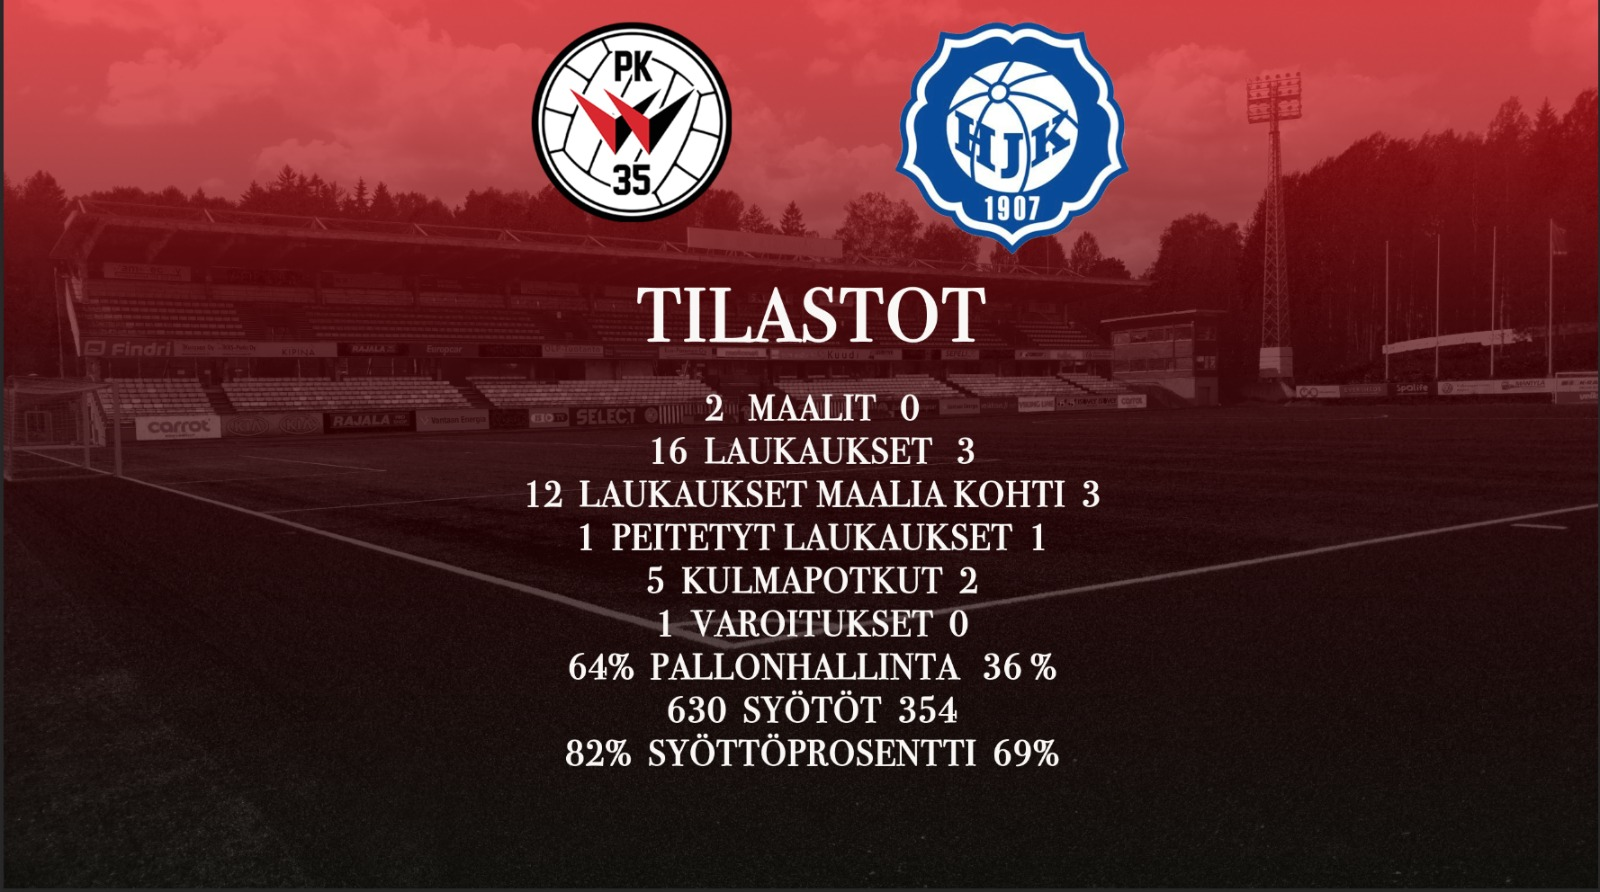 Tilastokatsaus: PK-35 Vantaa – HJK